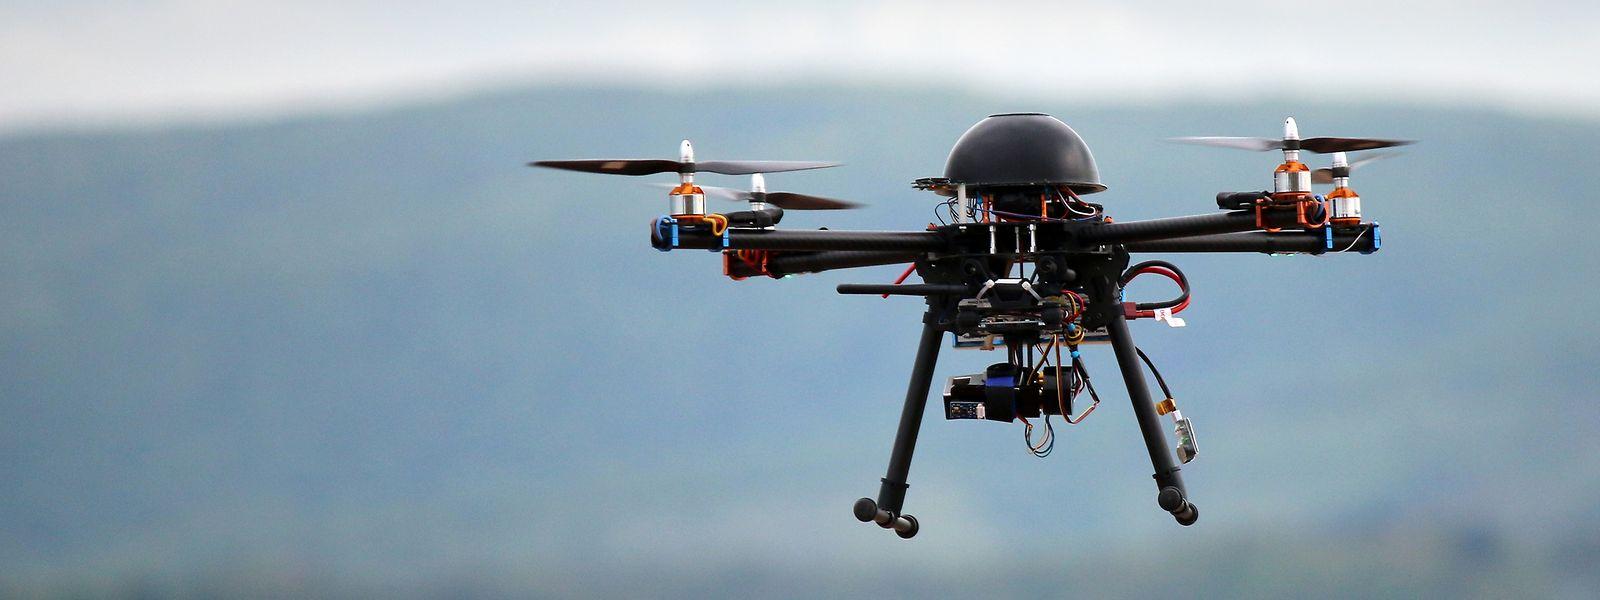 Gefährliches Spielzeug: Wer mit Drohnen arbeitet, sollte gewisse Regeln beachten.